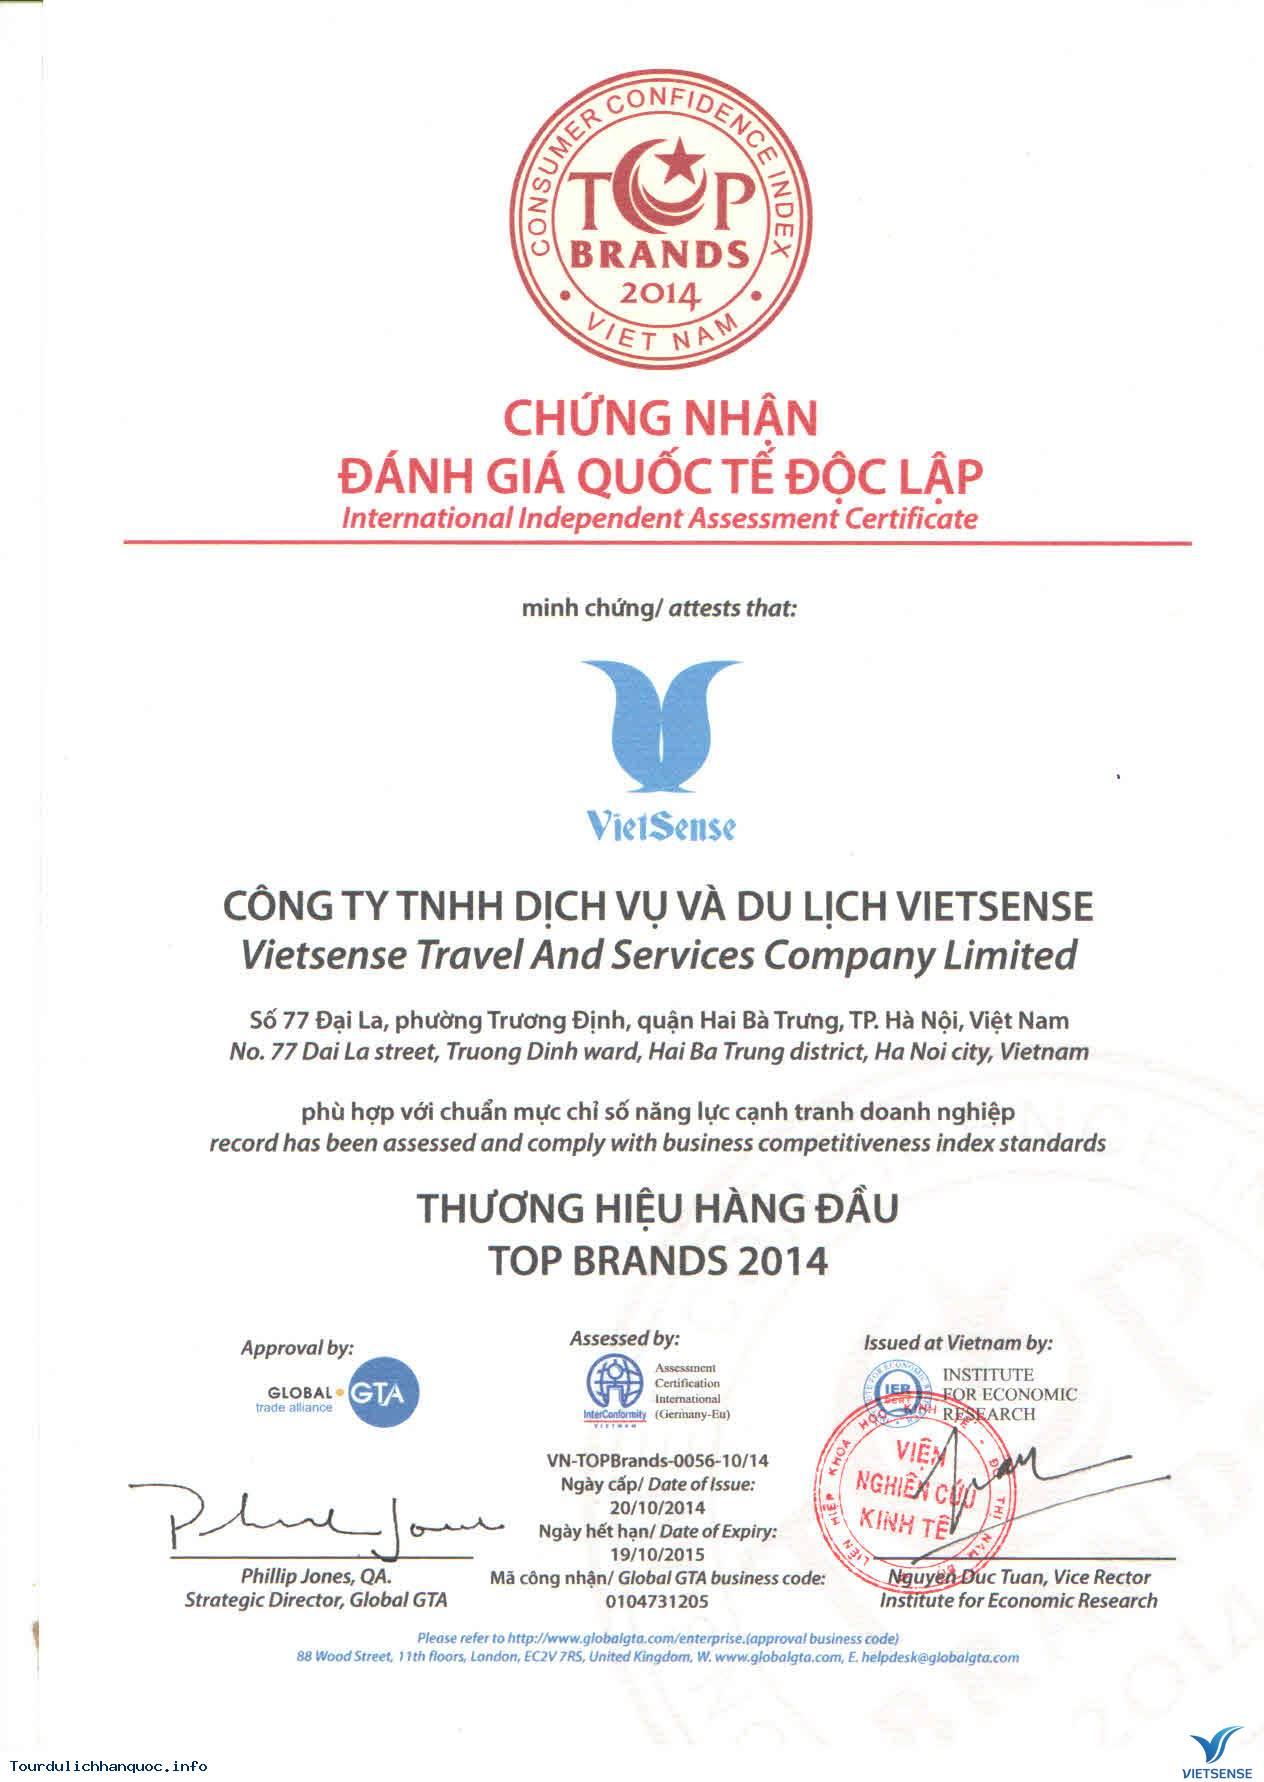 Quá Trình Hình Thành Và Phát Triển Của Công Ty Du Lịch Vietsense - Ảnh 2